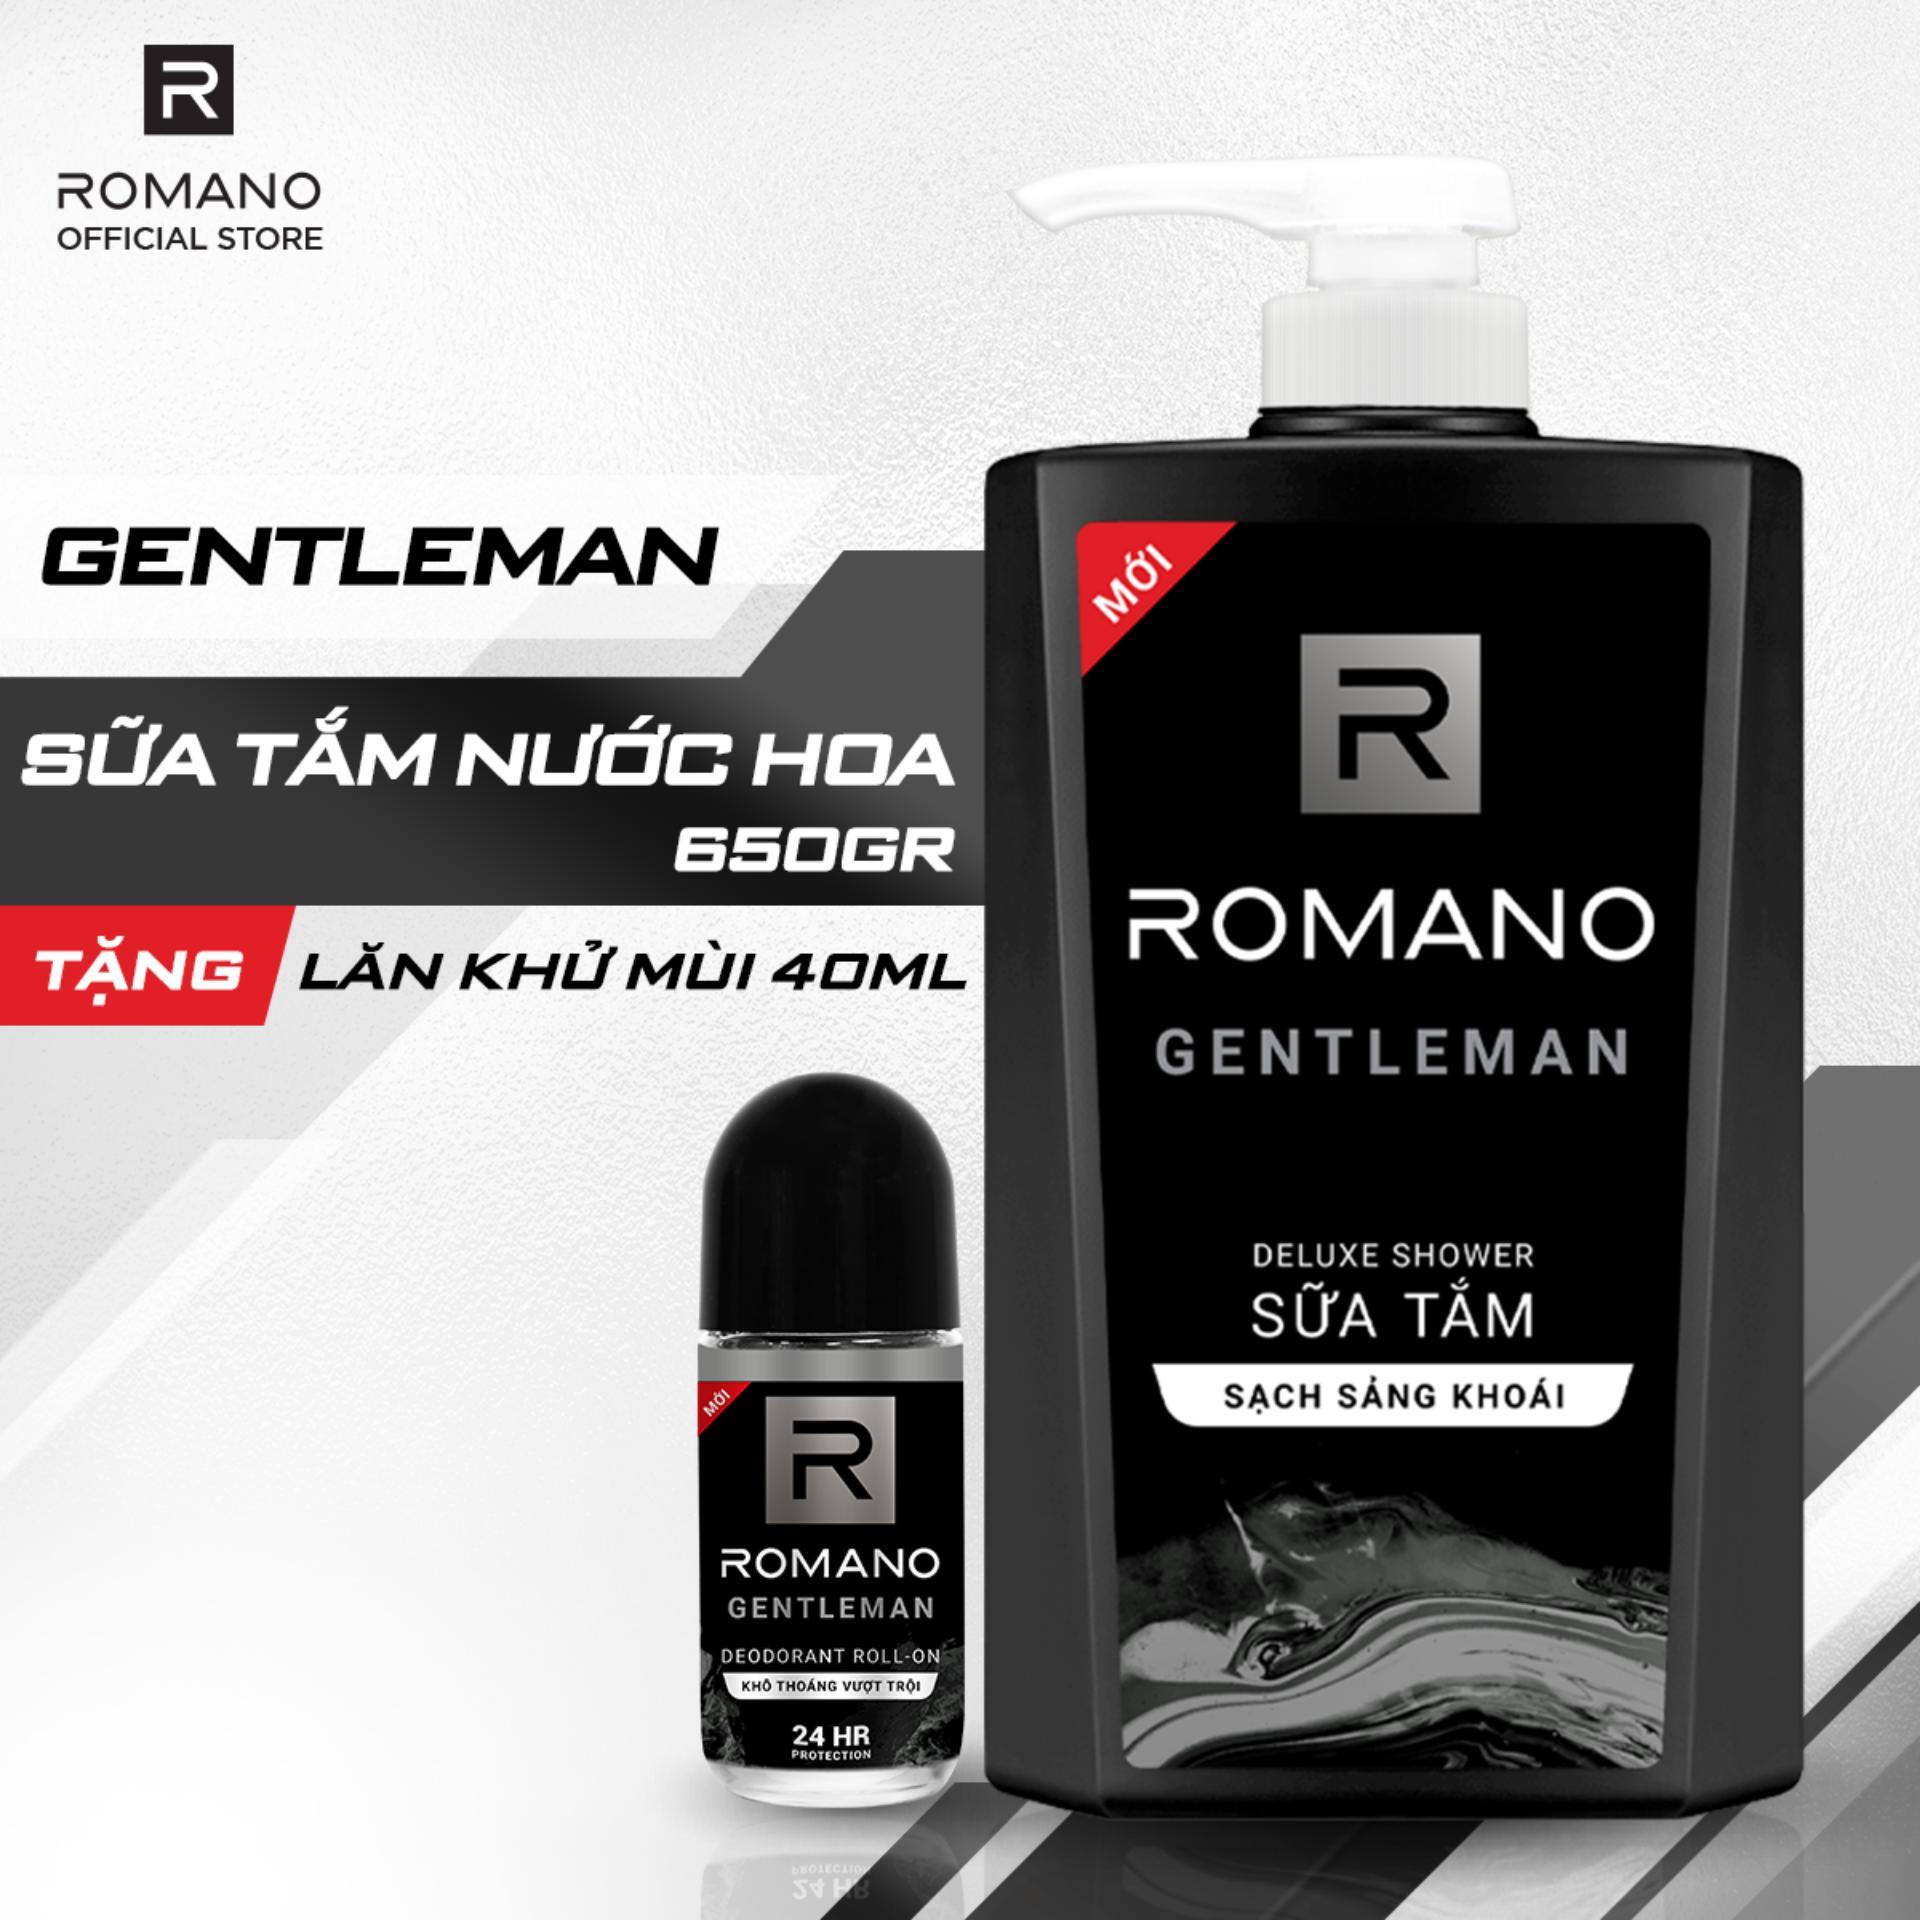 Giá Quá Tốt Để Có [Tặng Lăn Khử Mùi Romano Gentleman 40ml] Sữa Tắm Romano Gentleman 650g